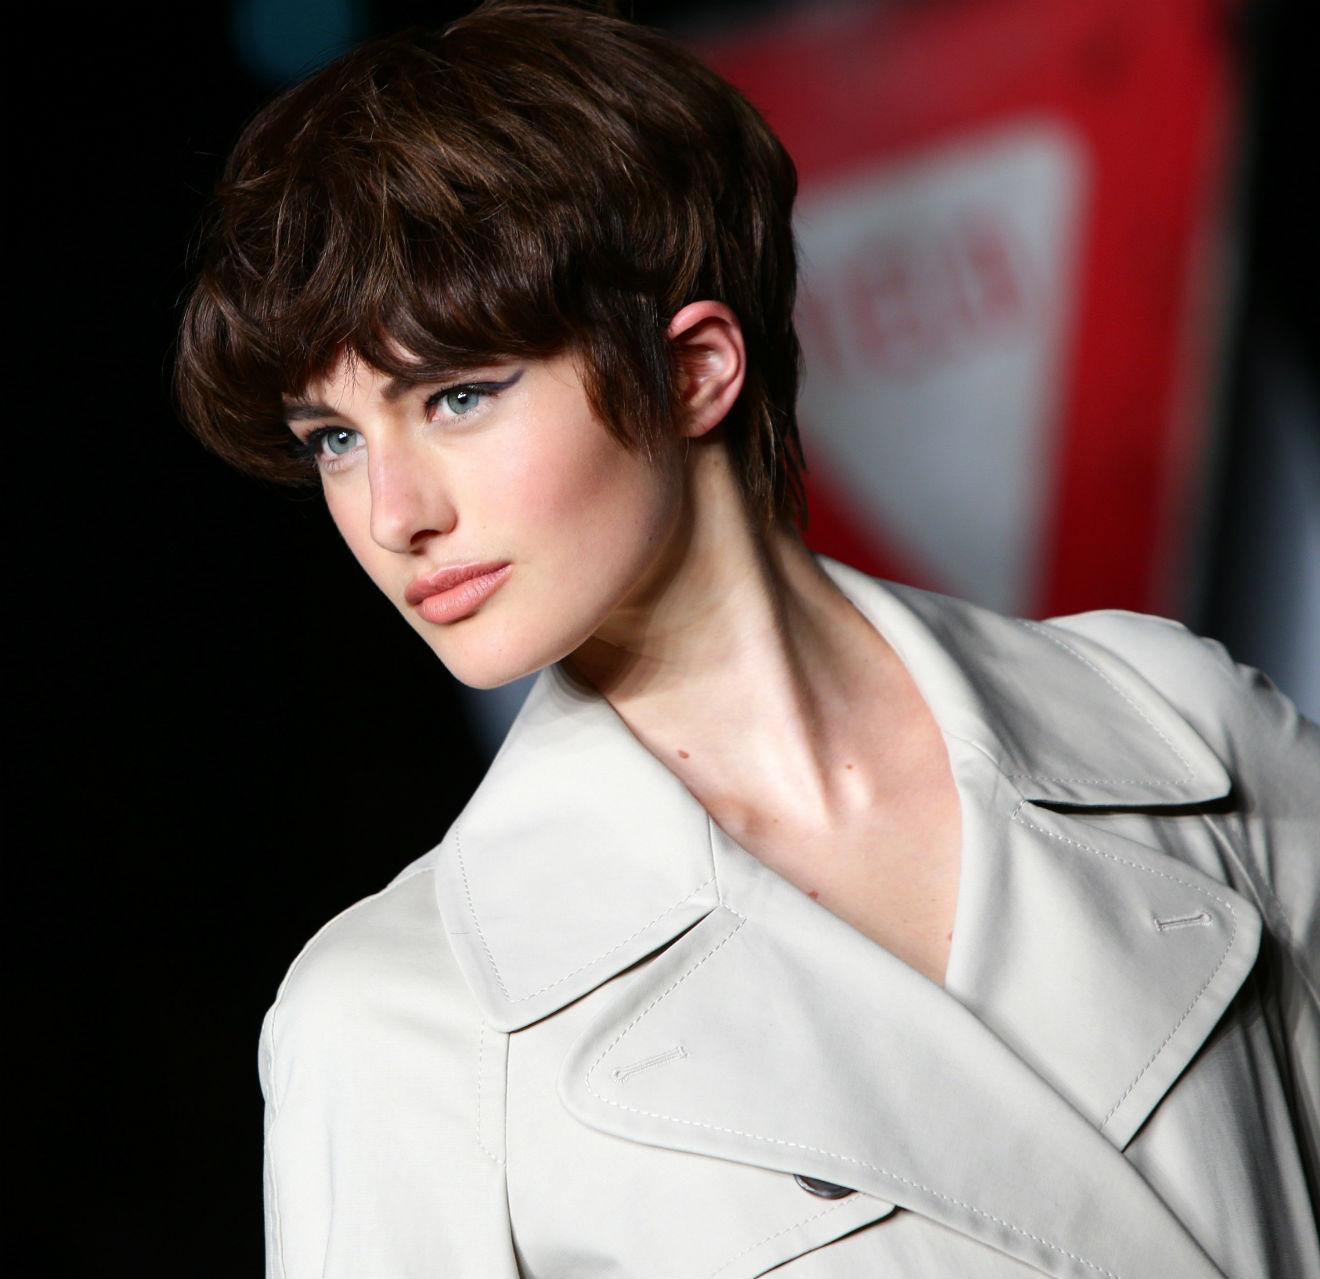 52a77a9a9788 Στον οίκο Moschino το κοντό μαλλί είναι απλά εντυπωσιακό. Στο επάνω μέρος  του κεφαλιού έχει όγκο ενώ τα μαλλιά είναι πυκνά και το χτένισμα